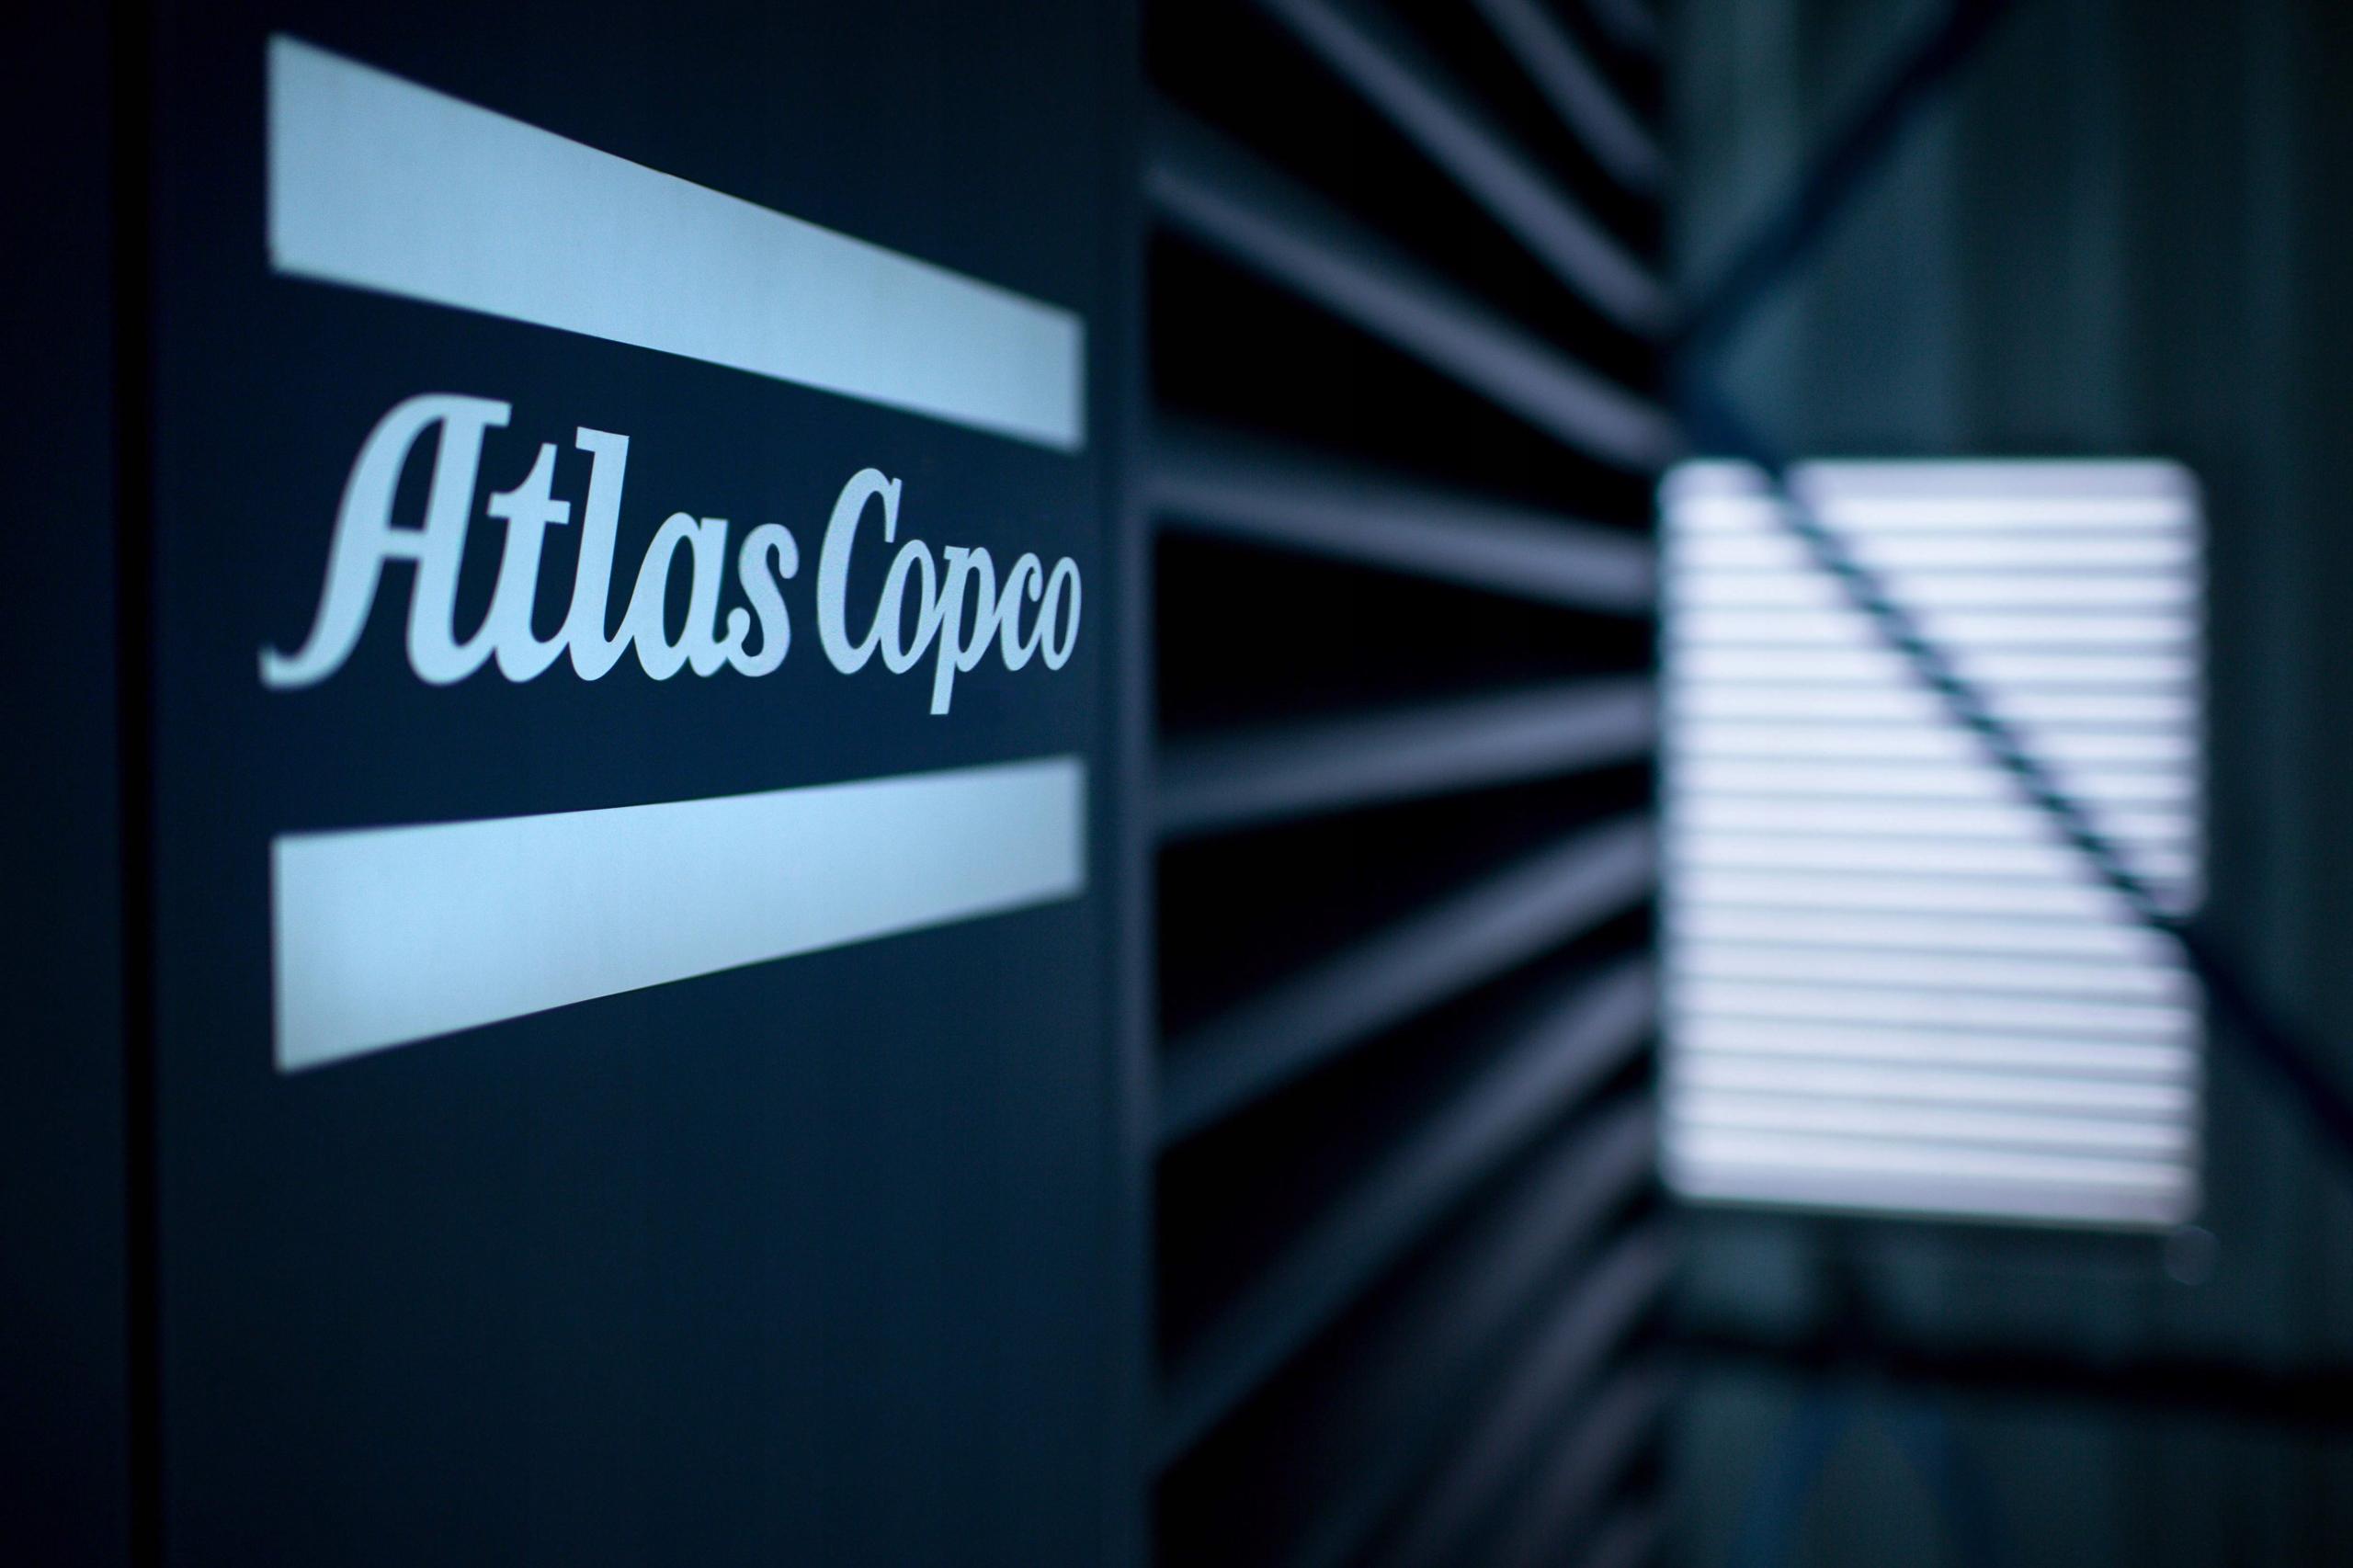 SPRĘŻARKA KOMPRESOR 300L ATLAS COPCO AC 40 E 300 T Ciśnienie maksymalne 10 bar